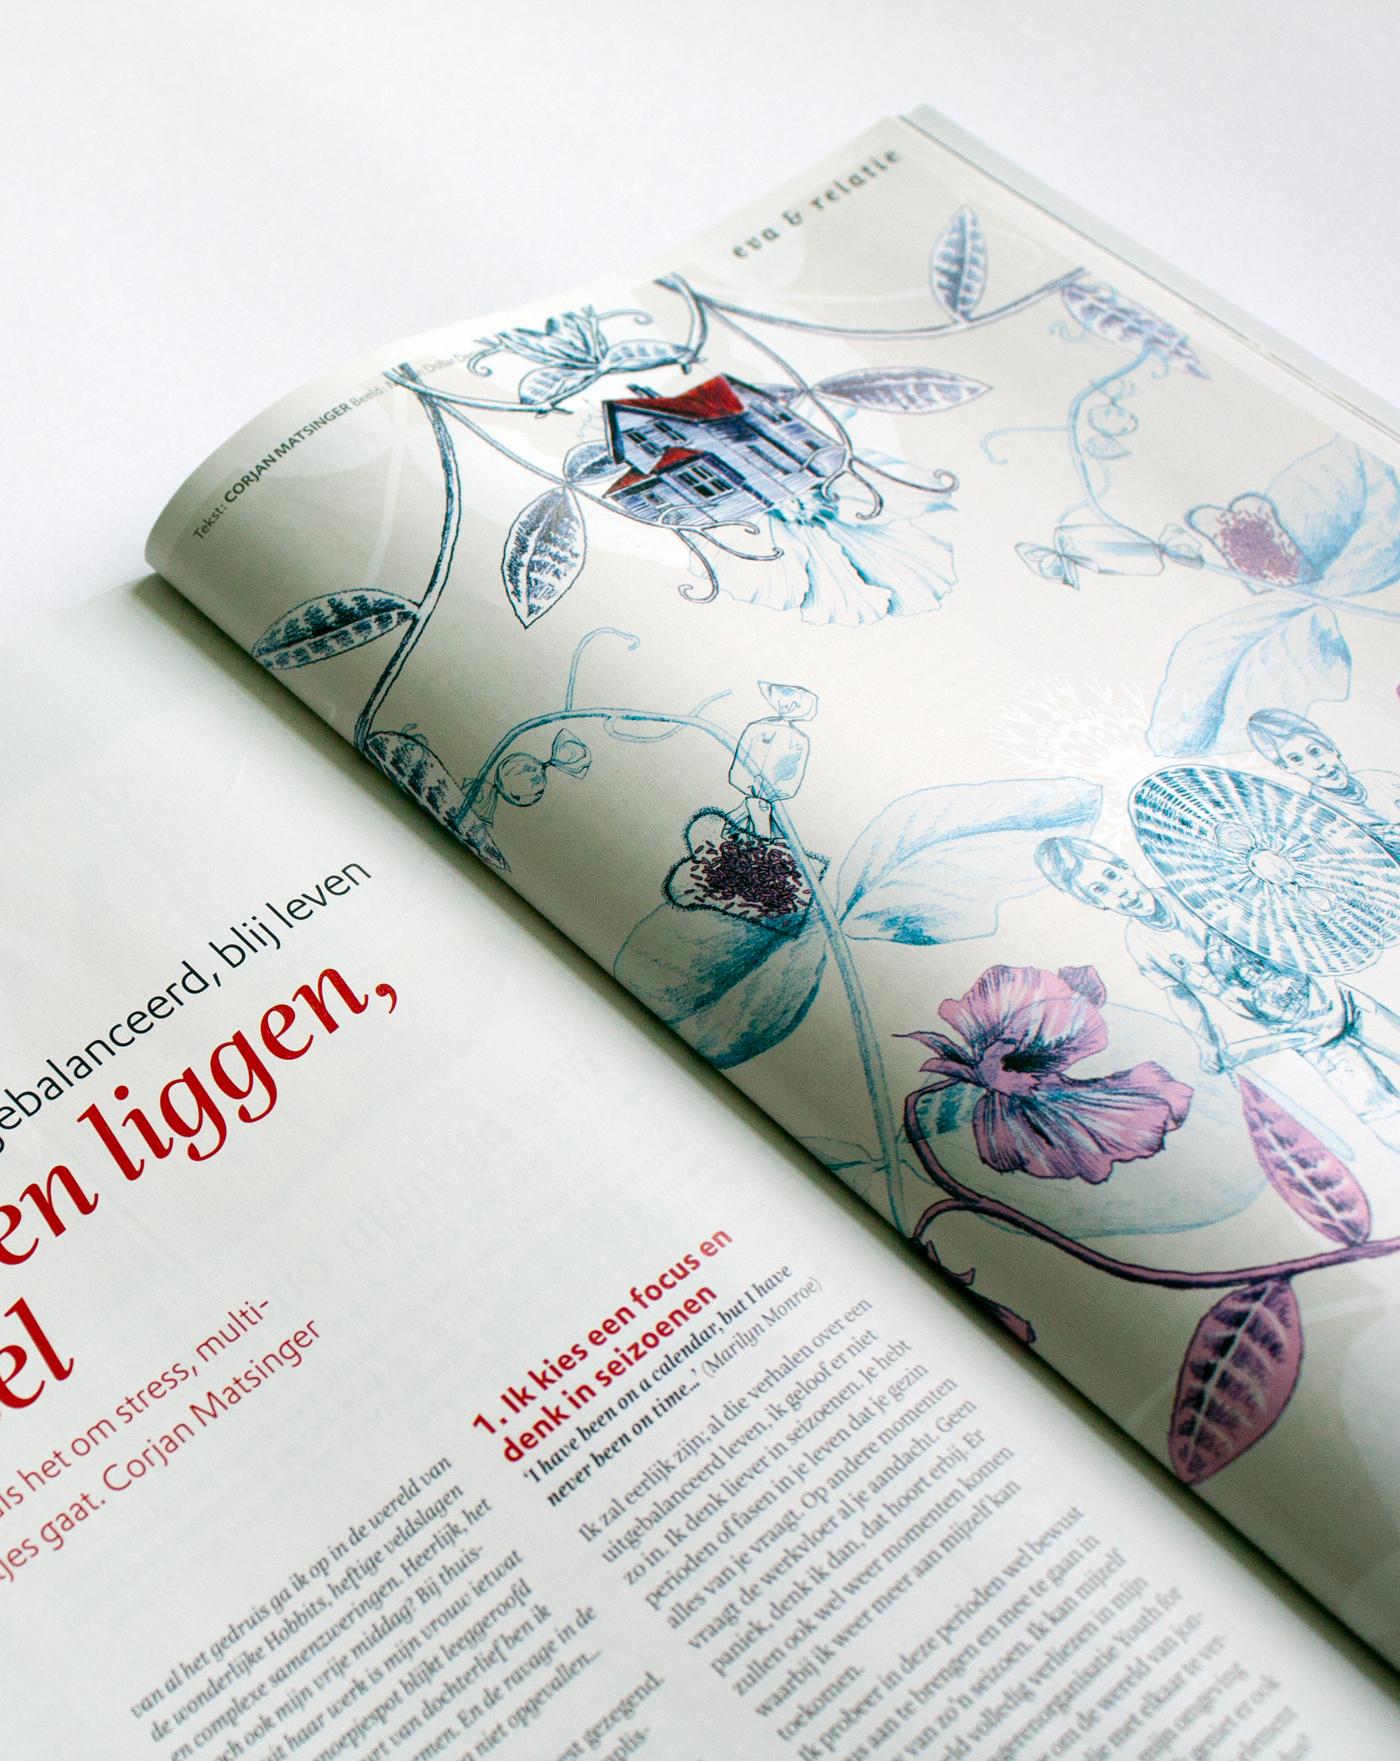 fig. 3. Magazine illustration